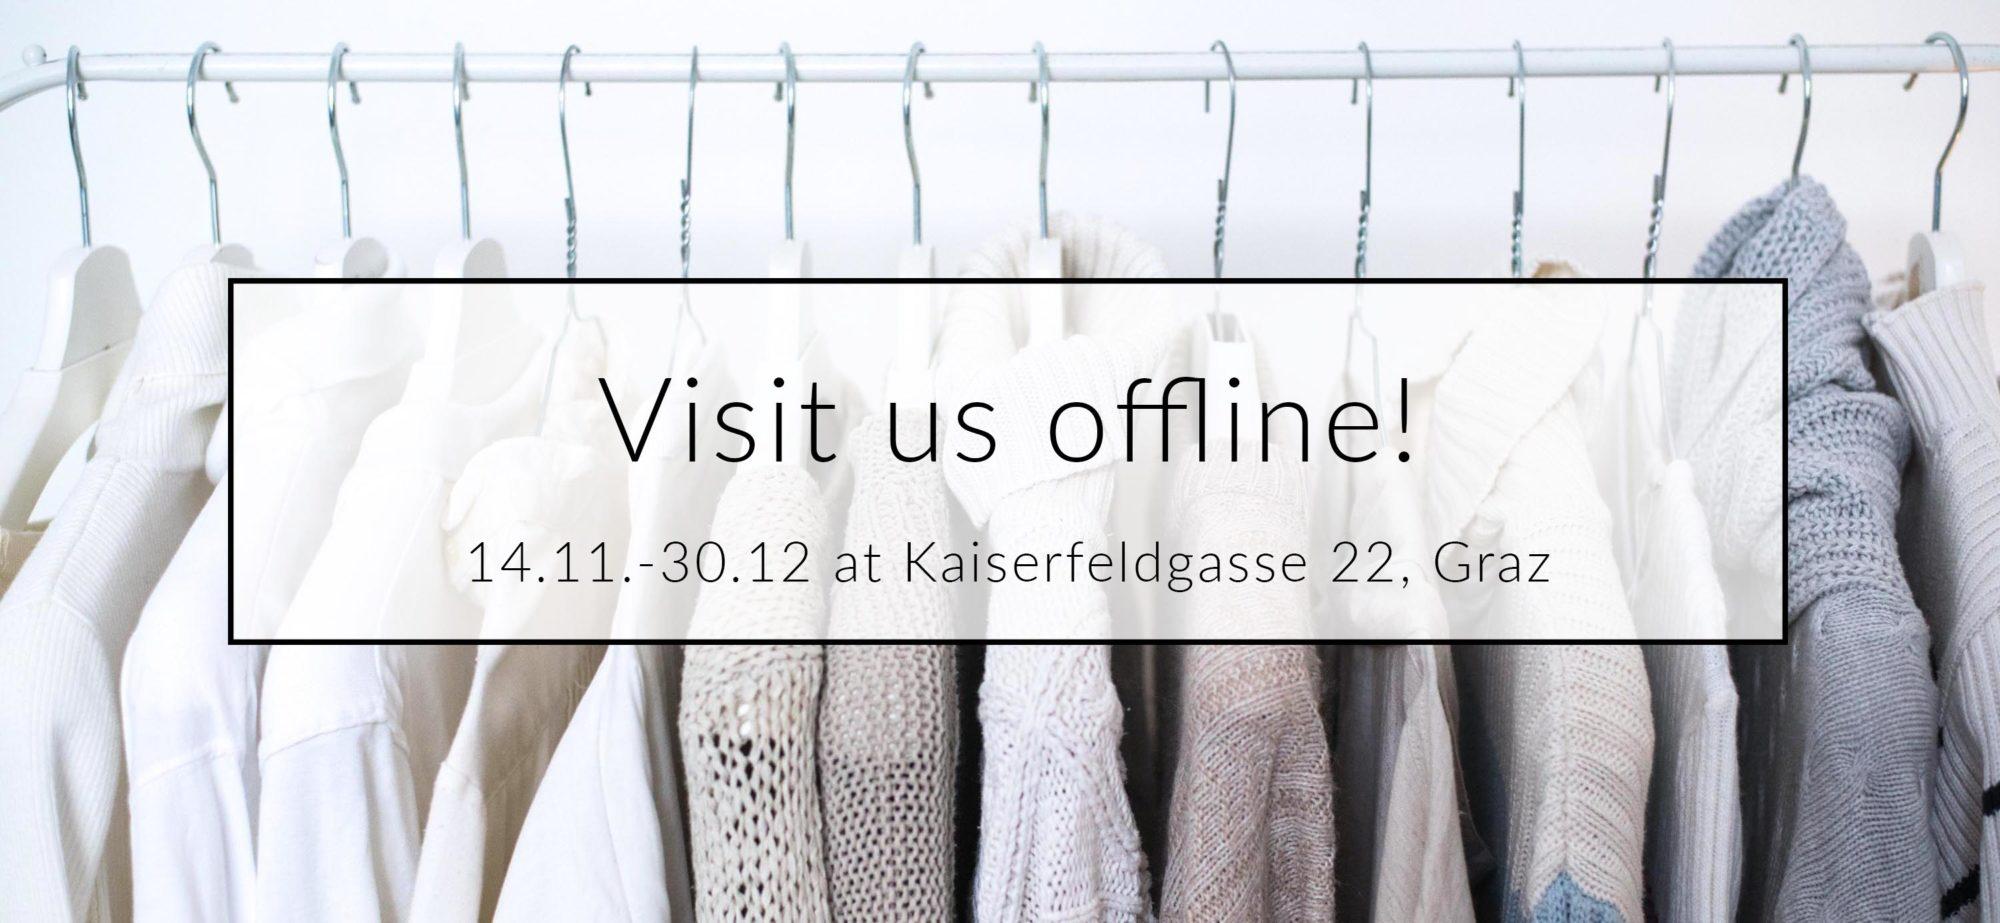 dogdays of summer vintage store graz austria österreich onlineshop